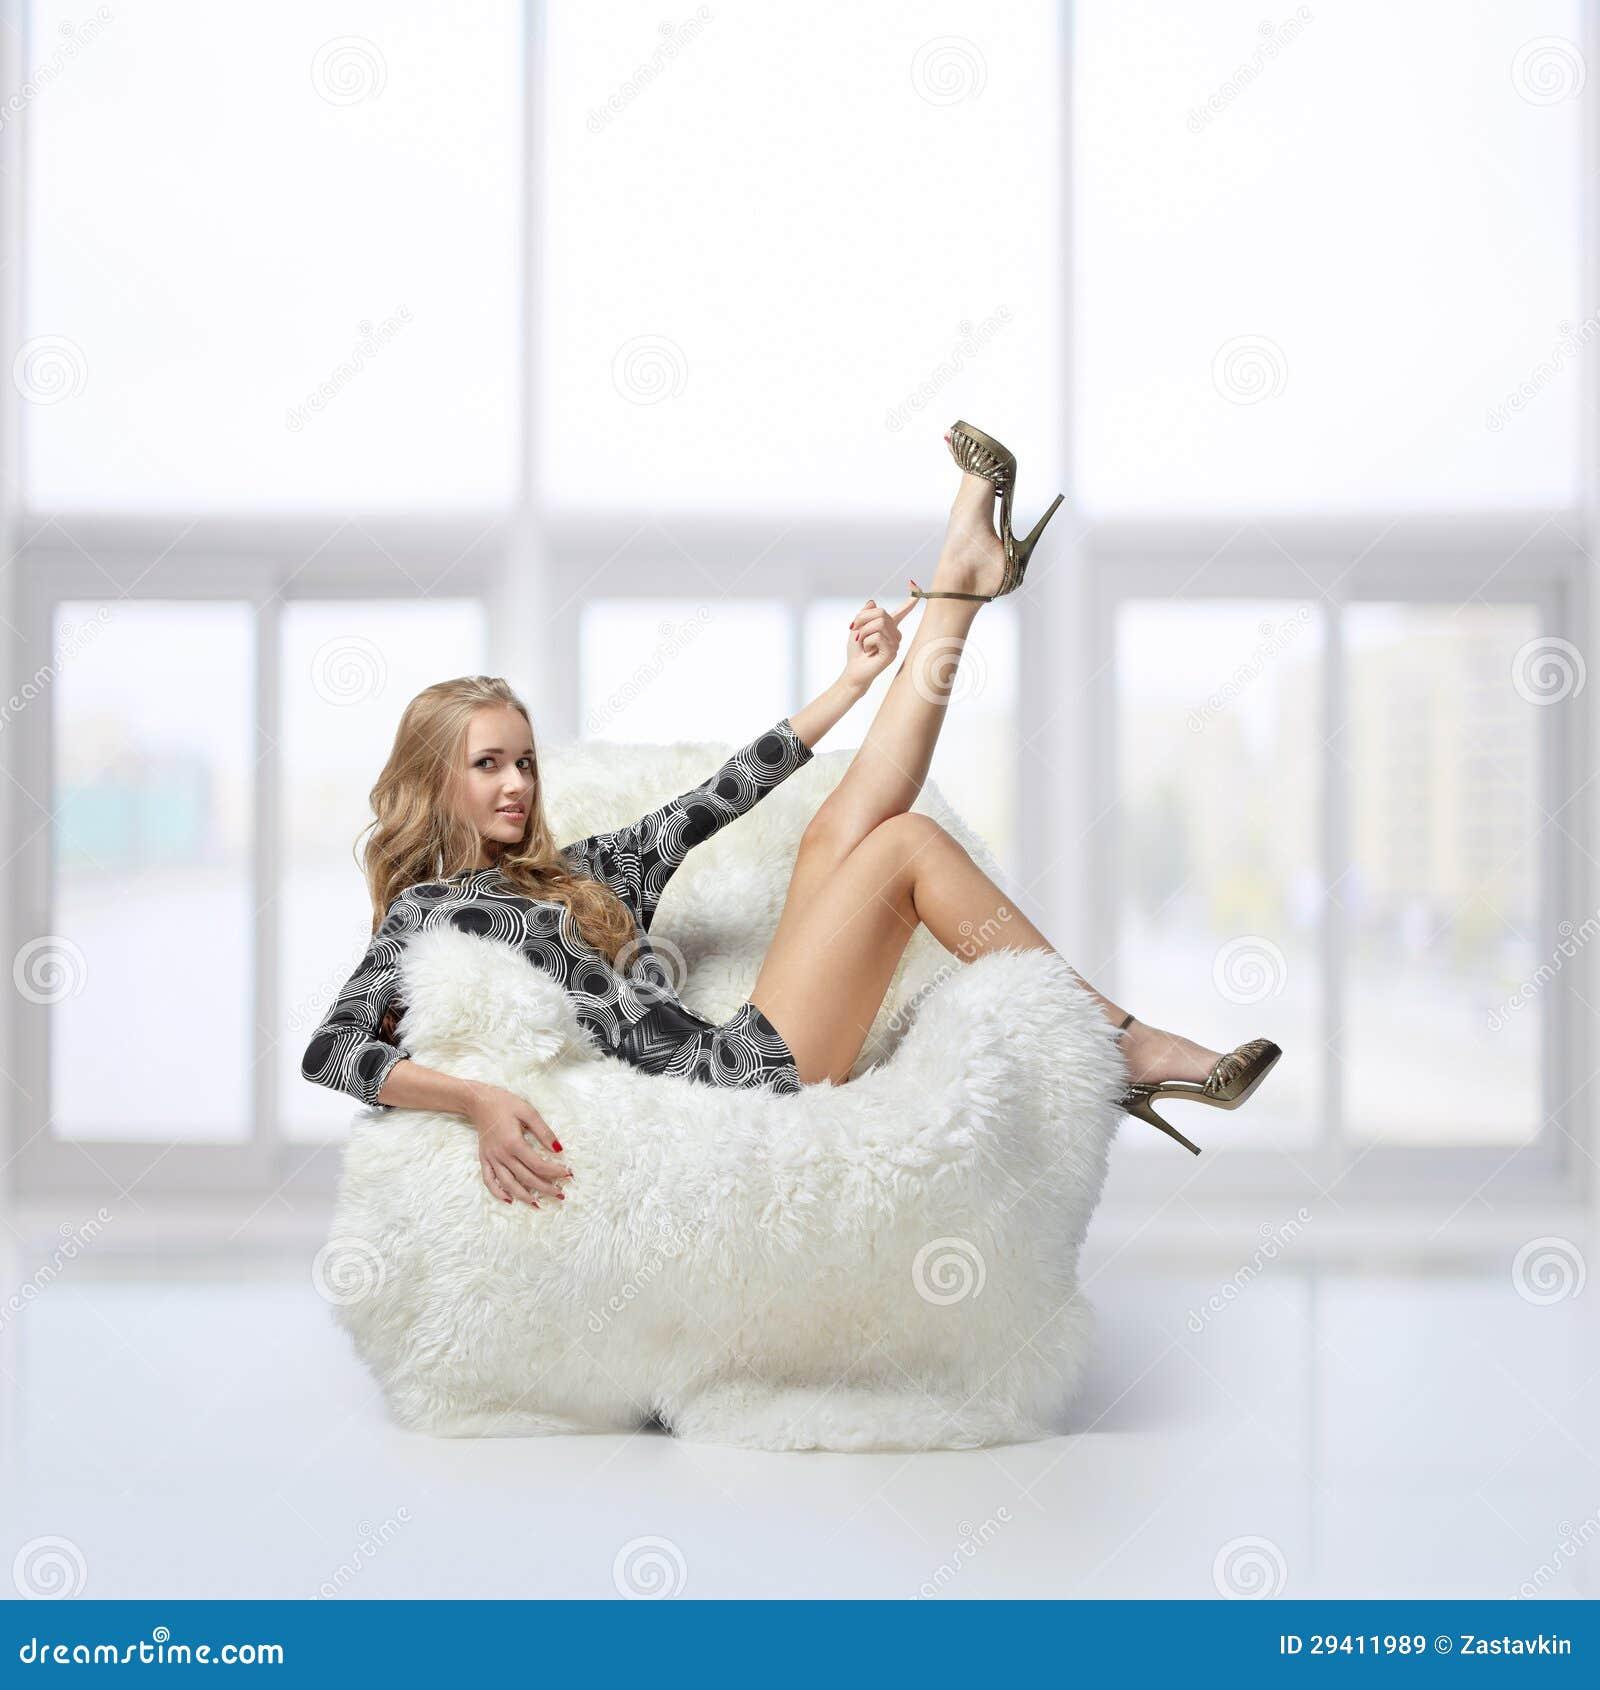 Фото на белом кресле 20 фотография